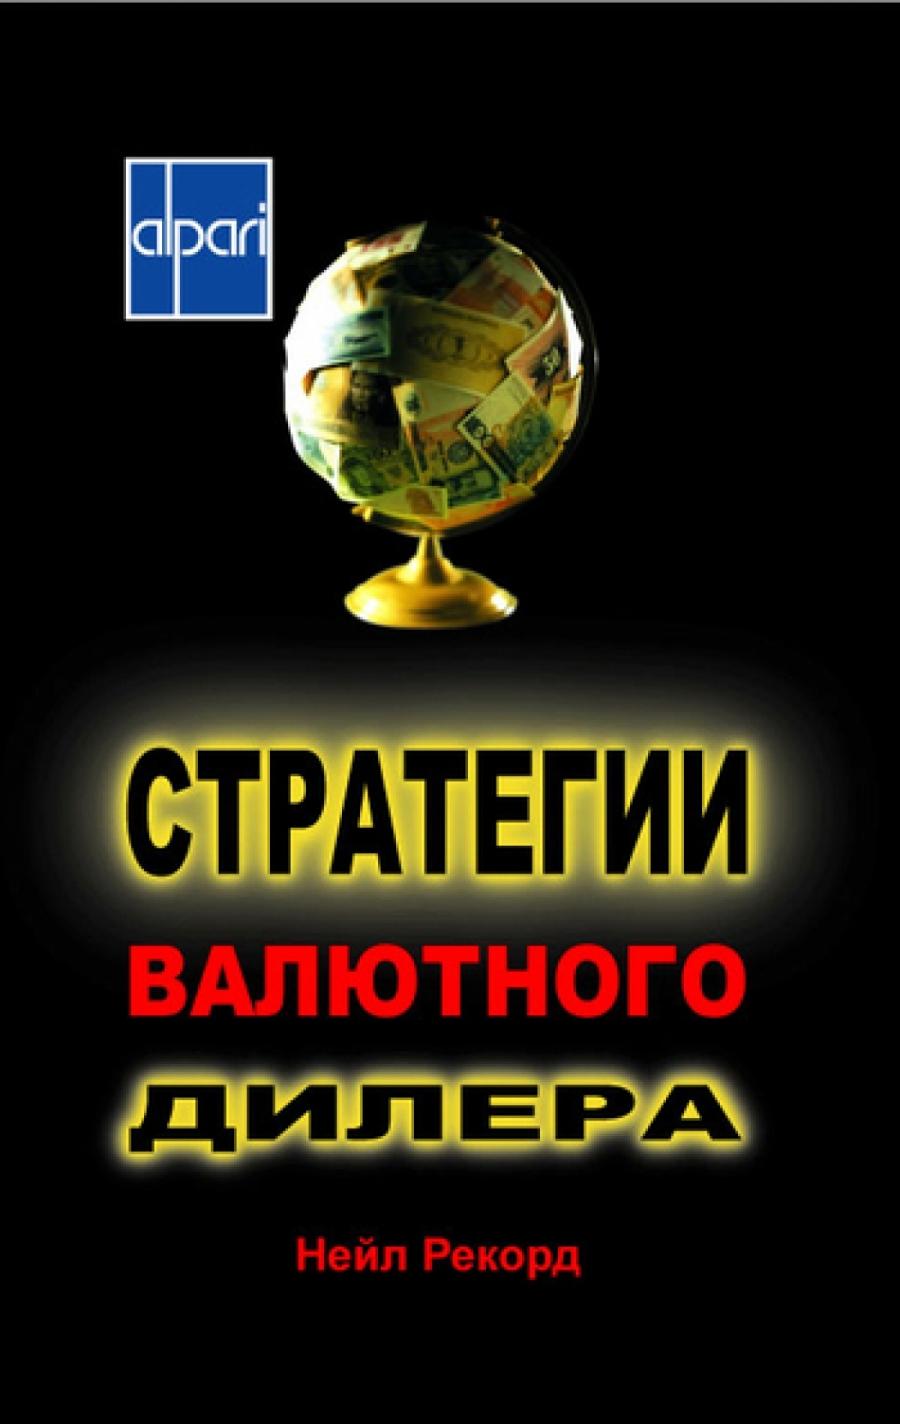 Обложка книги:  рекорд н. - стратегии валютного дилера. валютный оверлей